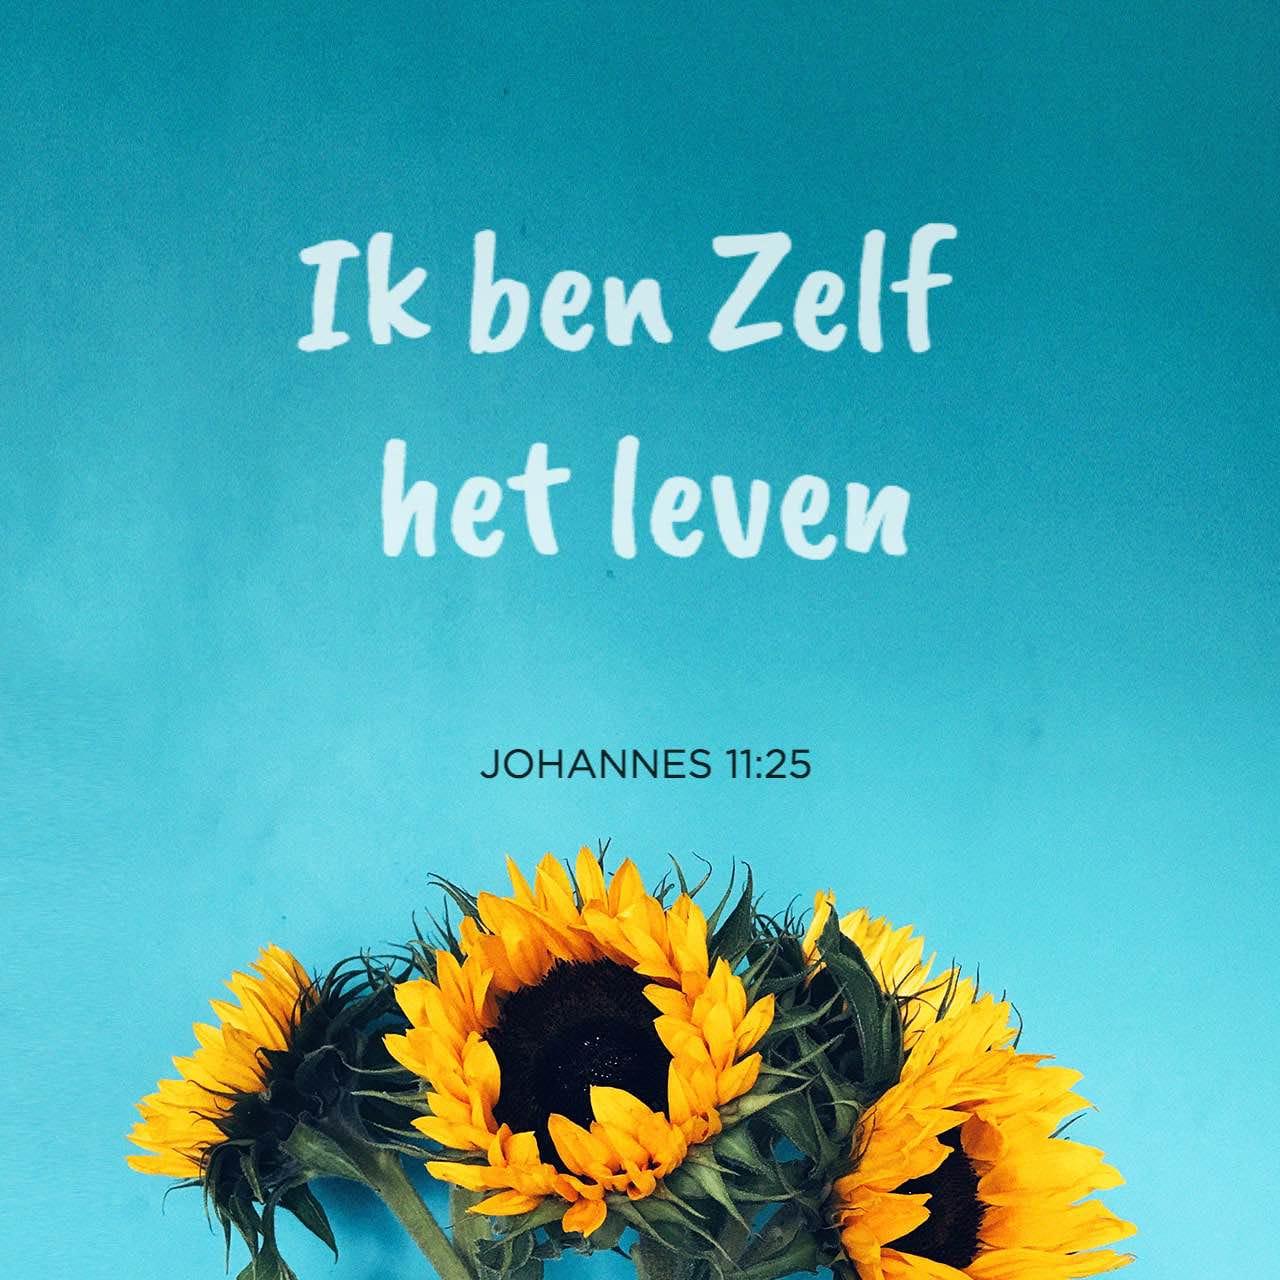 Versafbeelding voor Johannes 11:25